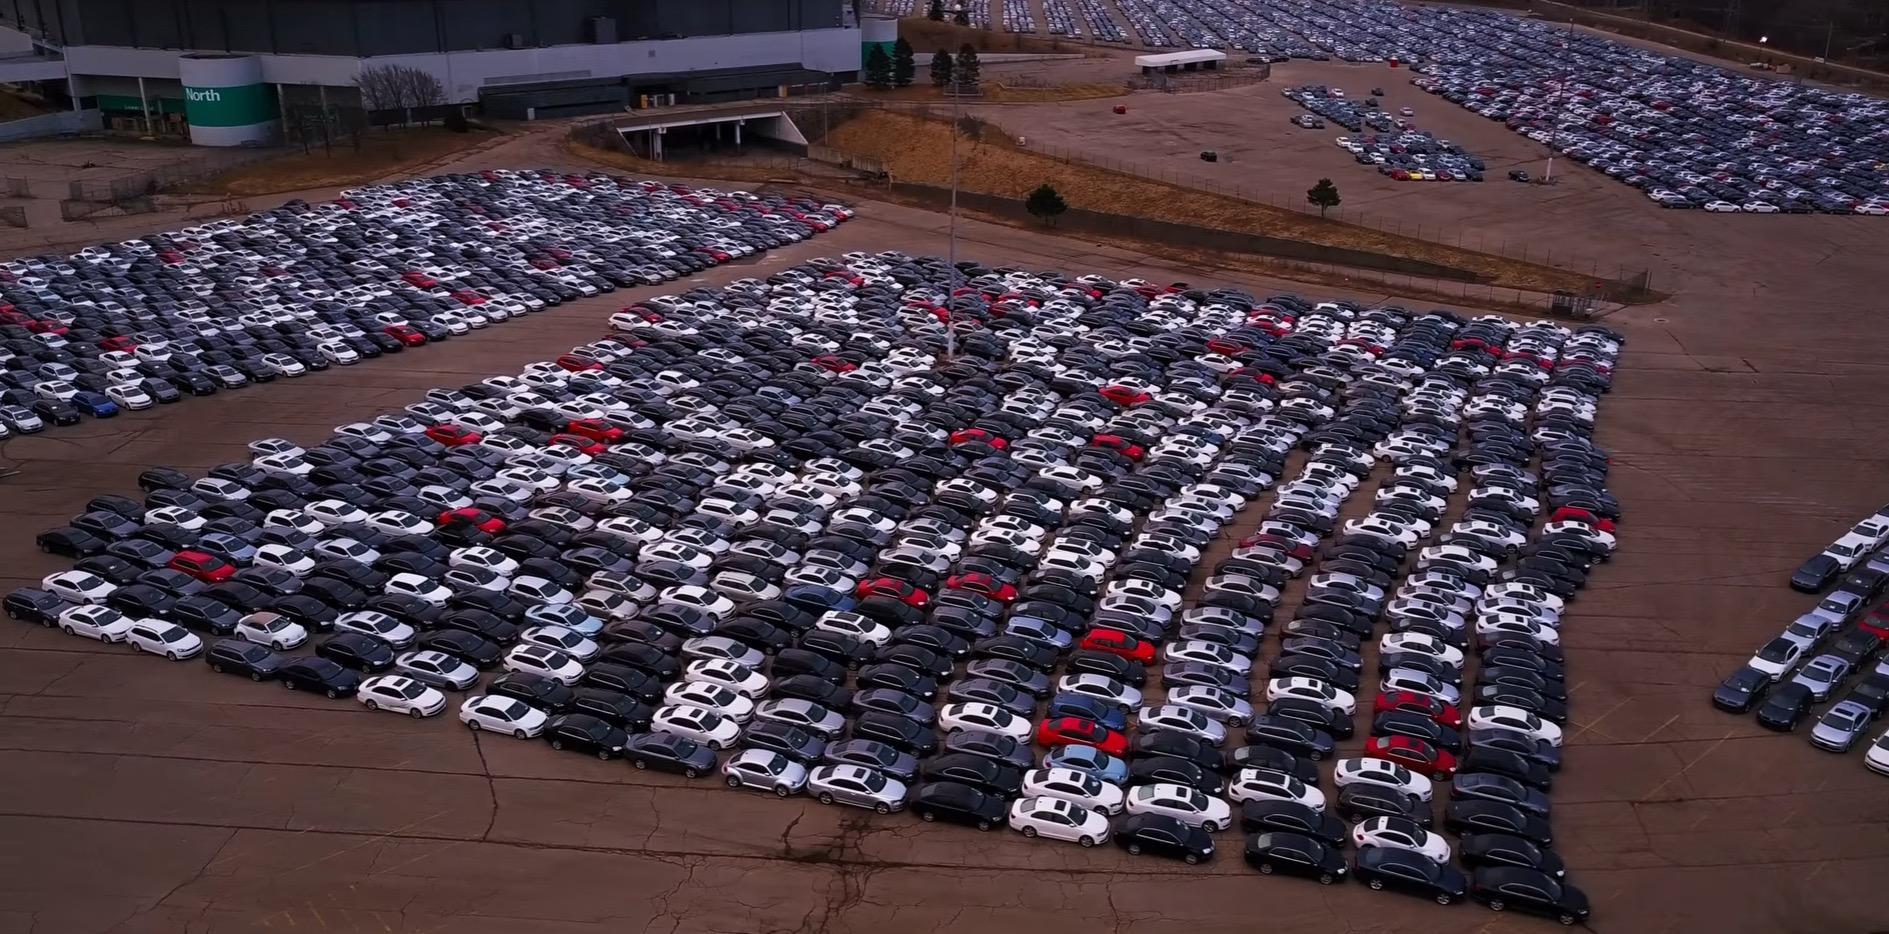 为啥有的车一上市就月销过万,路上却见不到影?